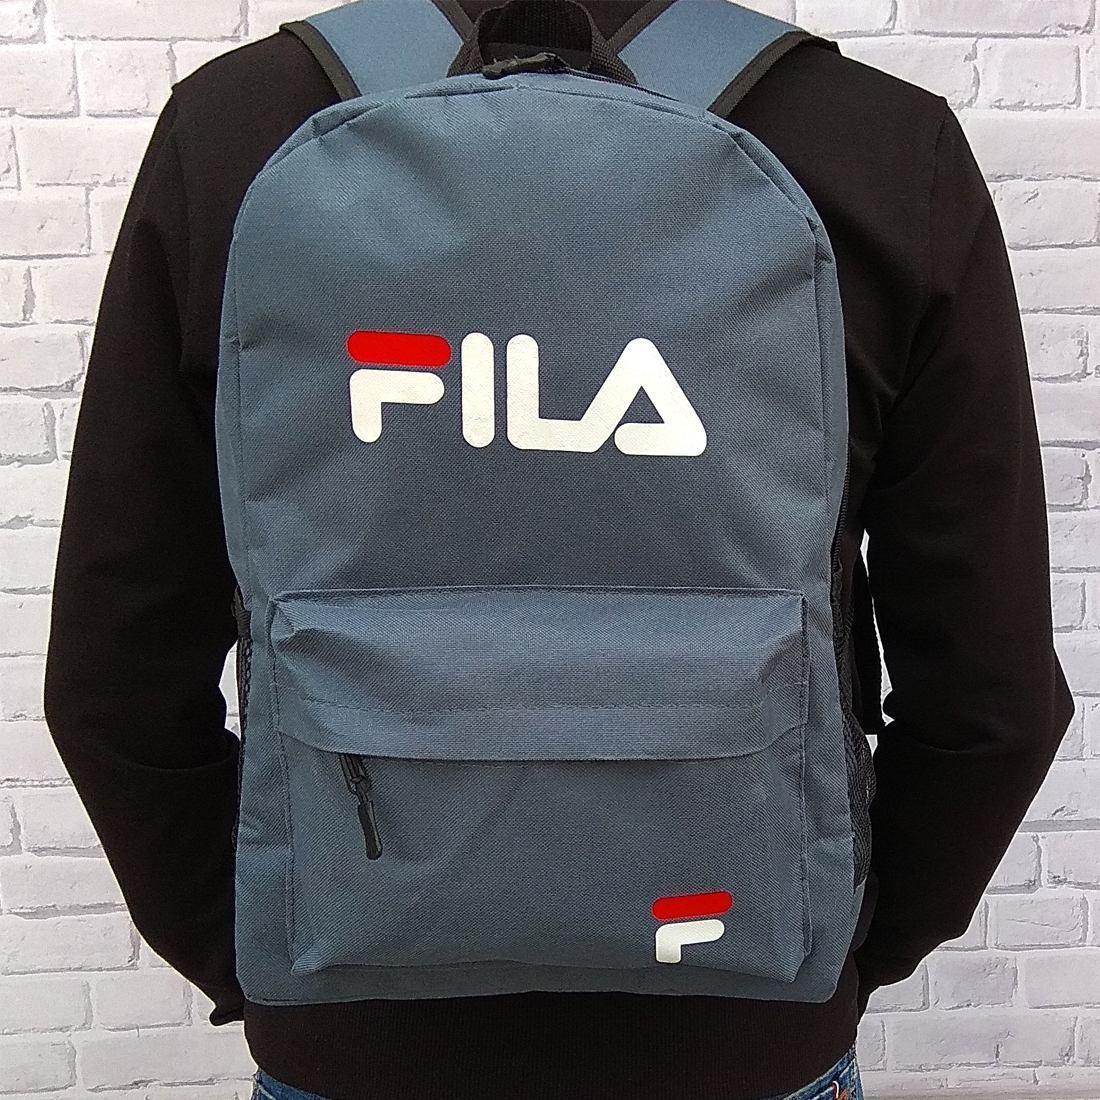 Качественный Рюкзак, портфель с накаткой FILA, фила. Серый / F 03